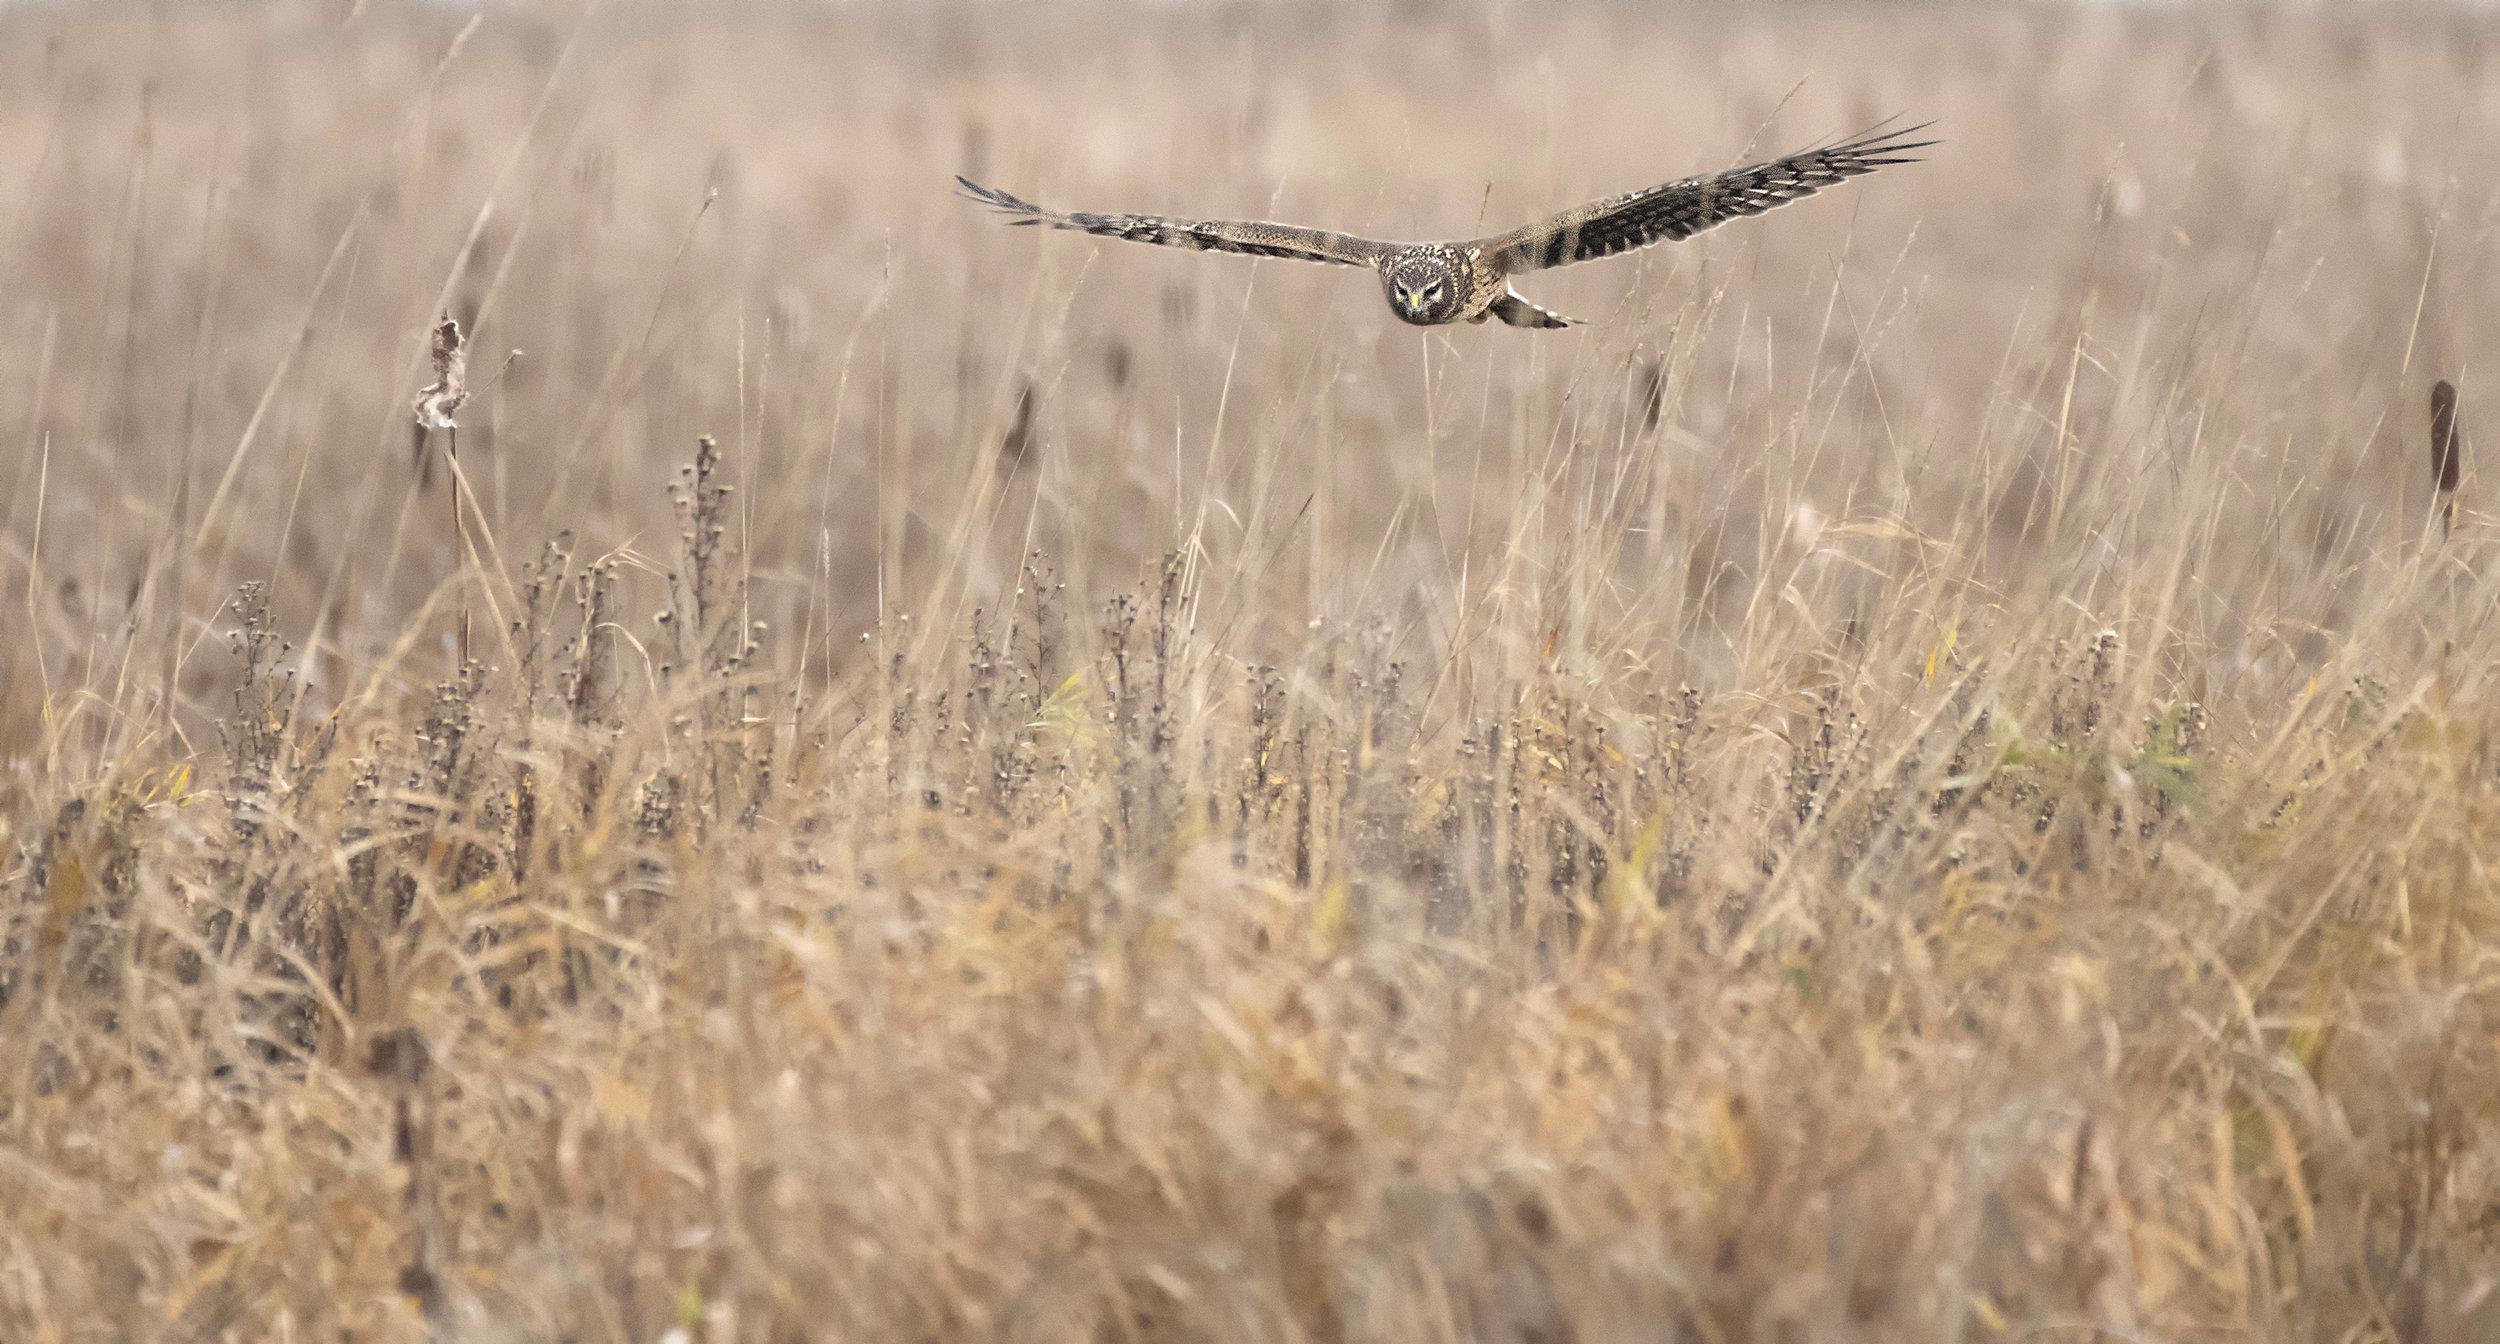 Harrier hunting in the field copy.jpg